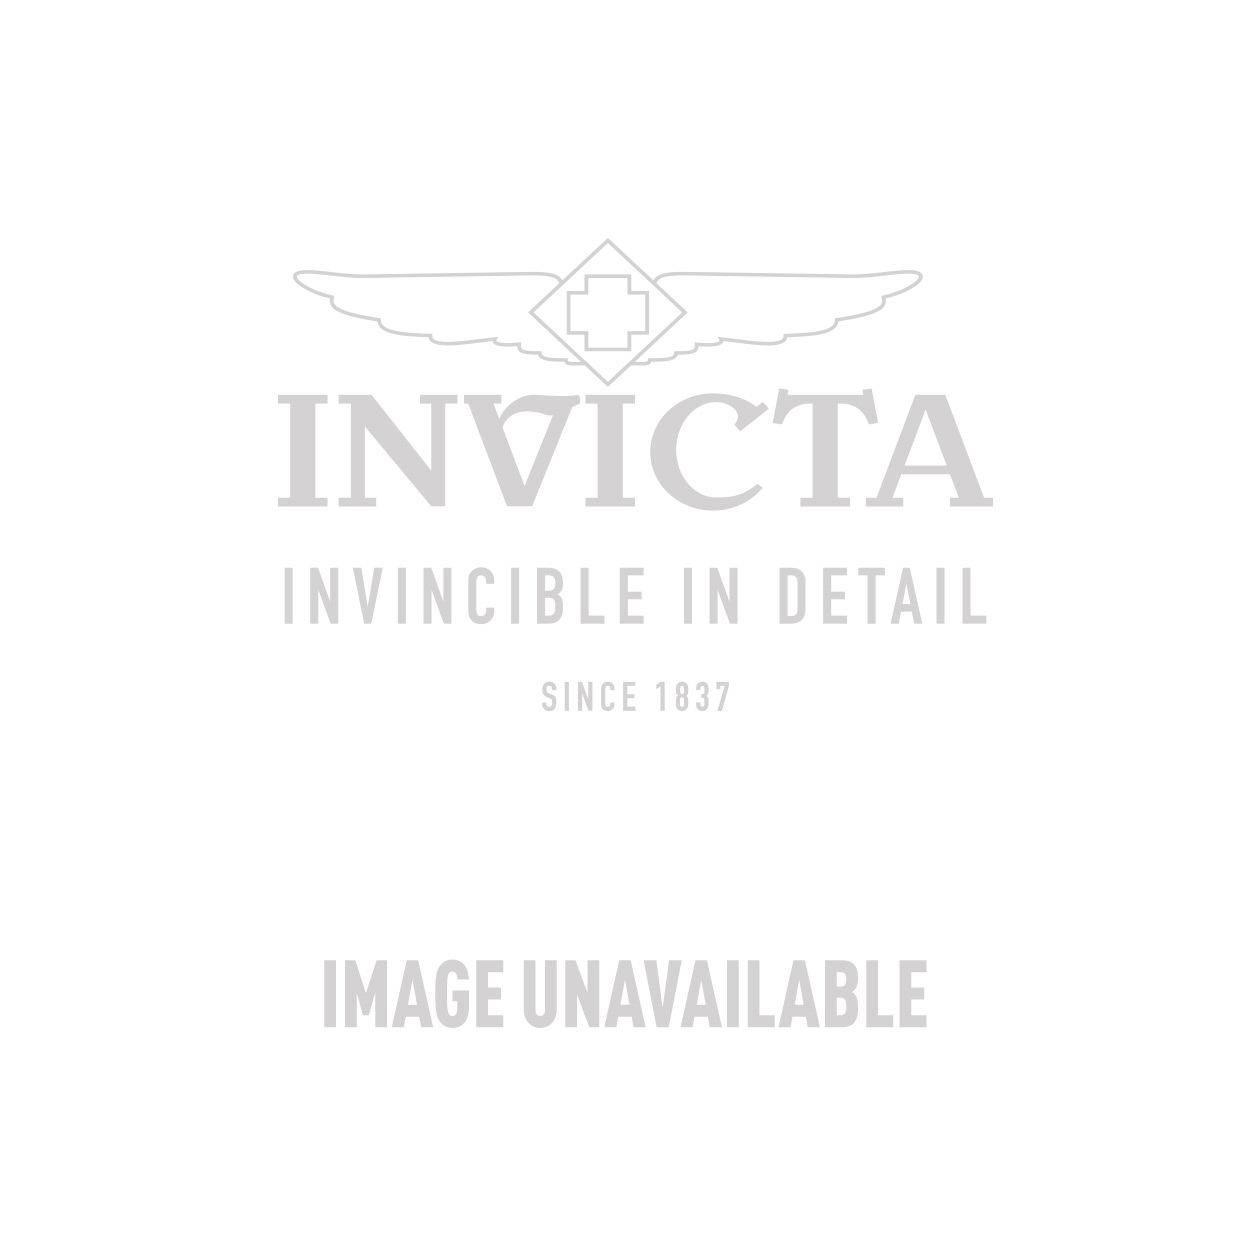 Invicta Model 25330